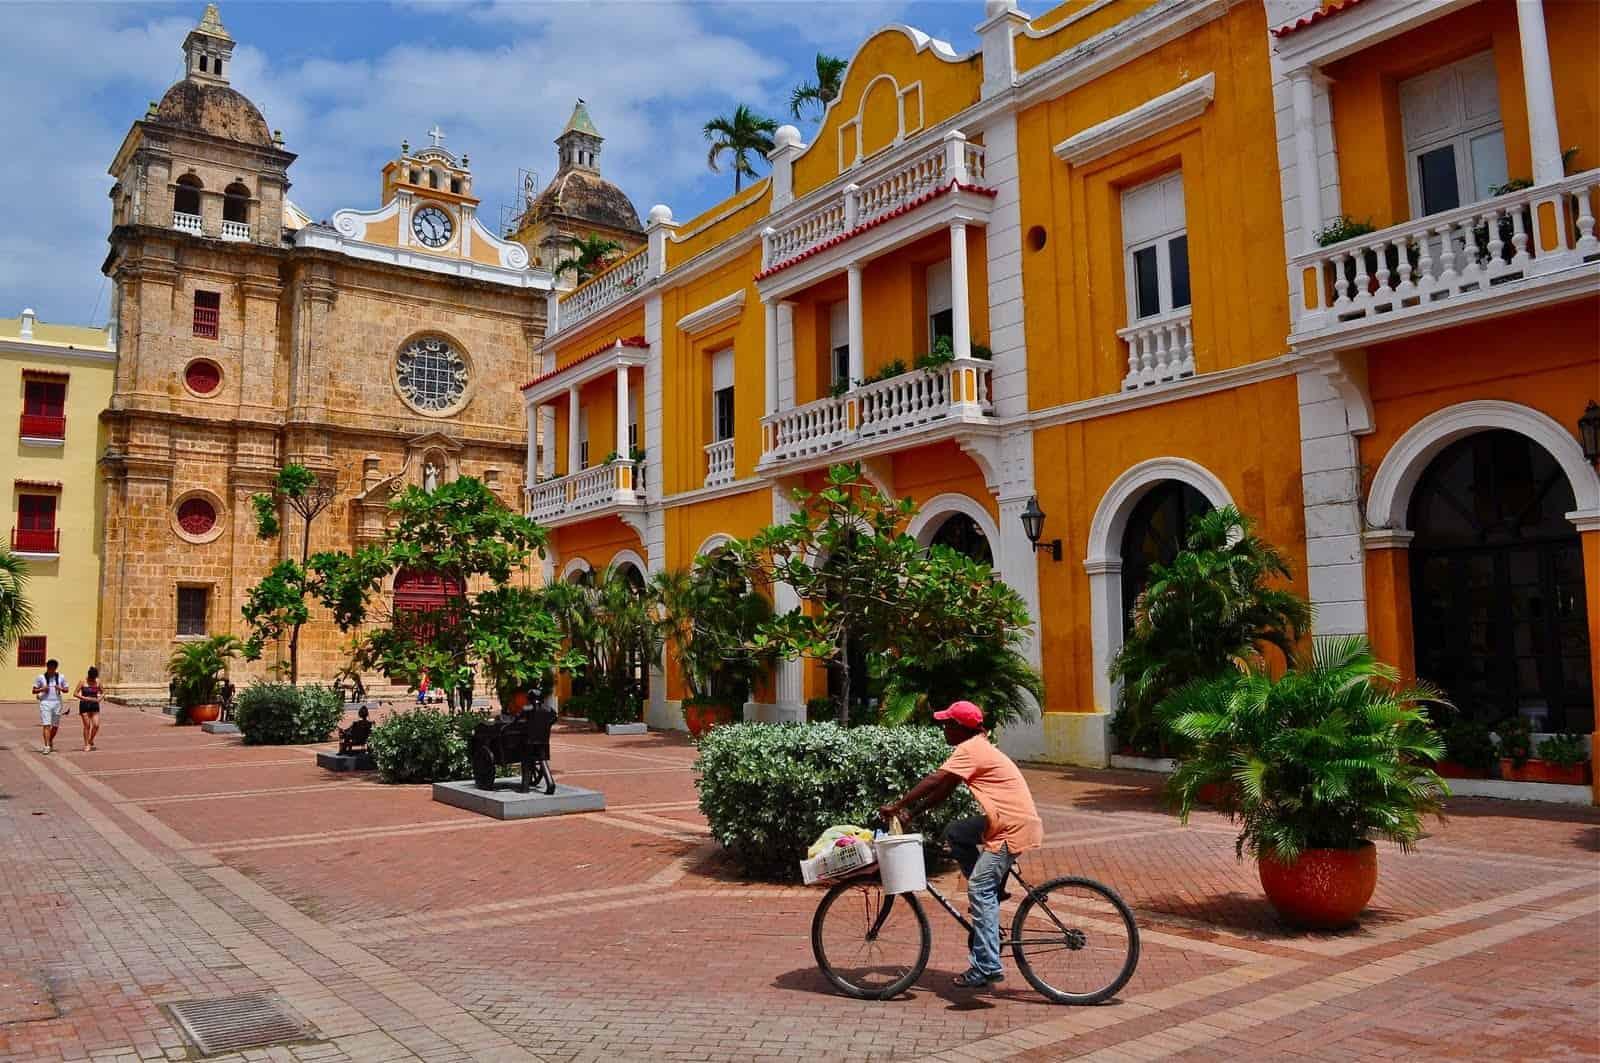 realizar-turismo-sostenible-en-Colombia-2jpg